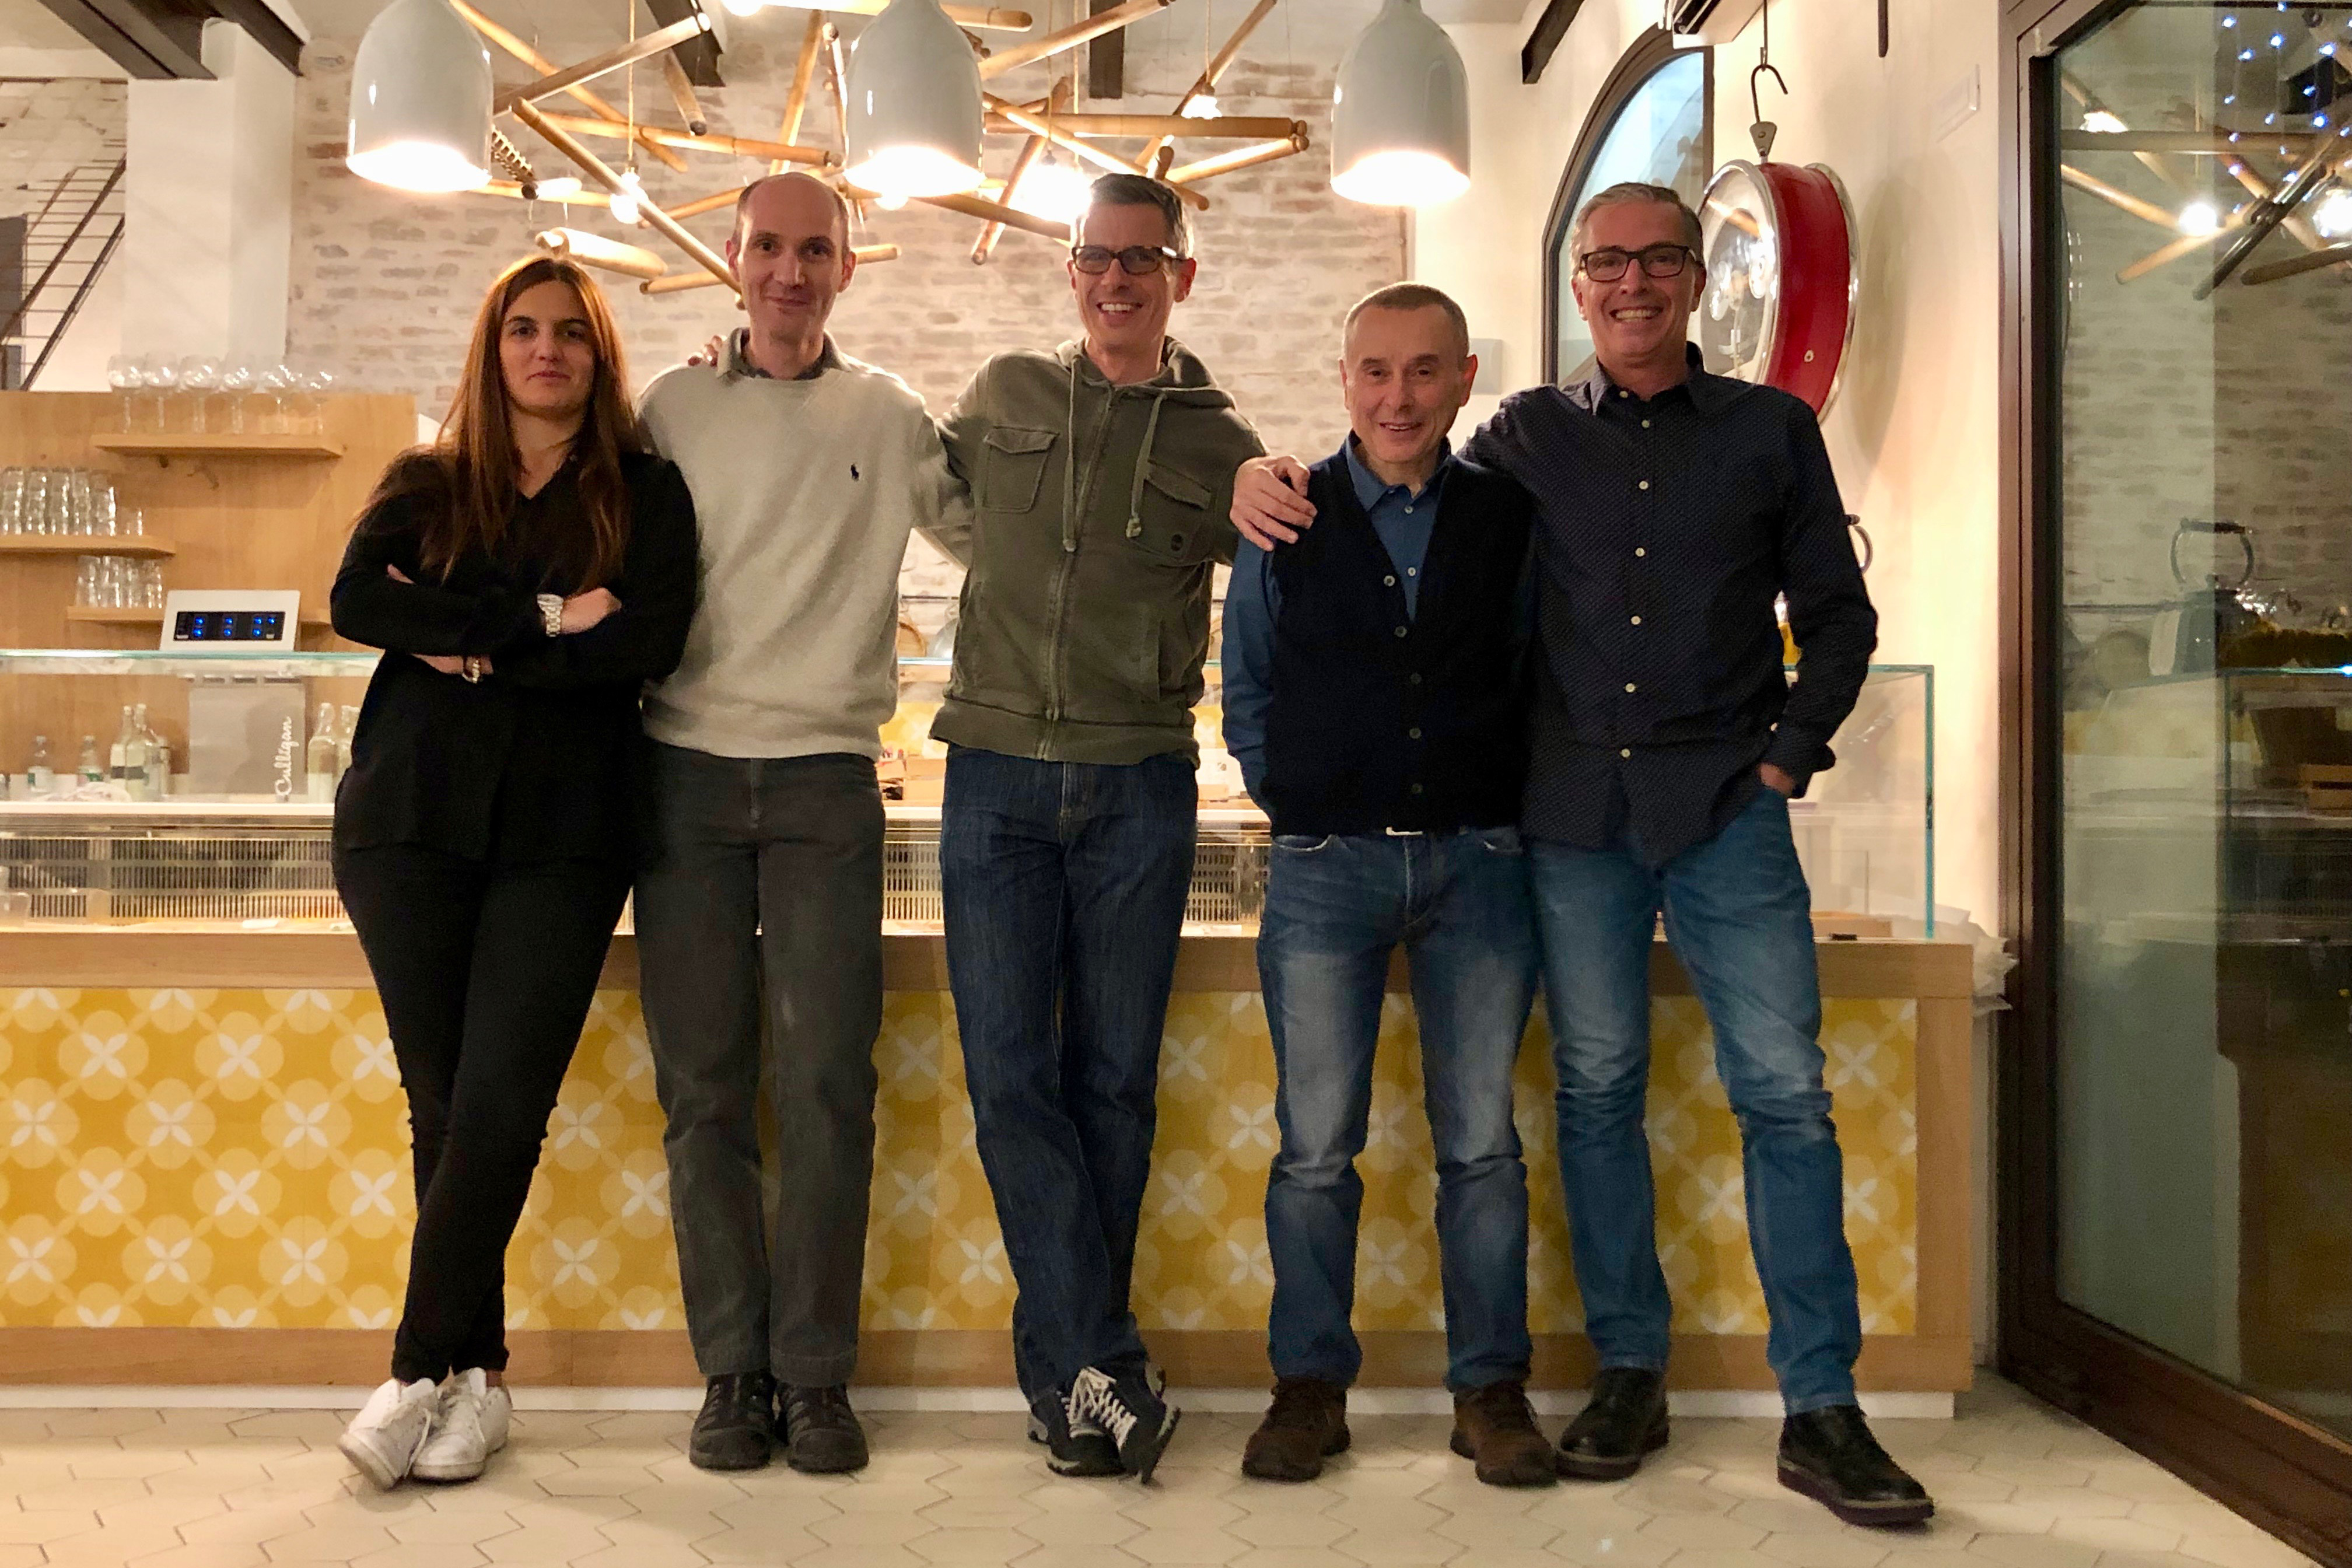 Da sinistra i Consiglieri Francesca Roni, Claudio Rastrelli e Giacomo Ori, il Vice Presidente Daniele Masetti e il Presidente Paolino Nobile.